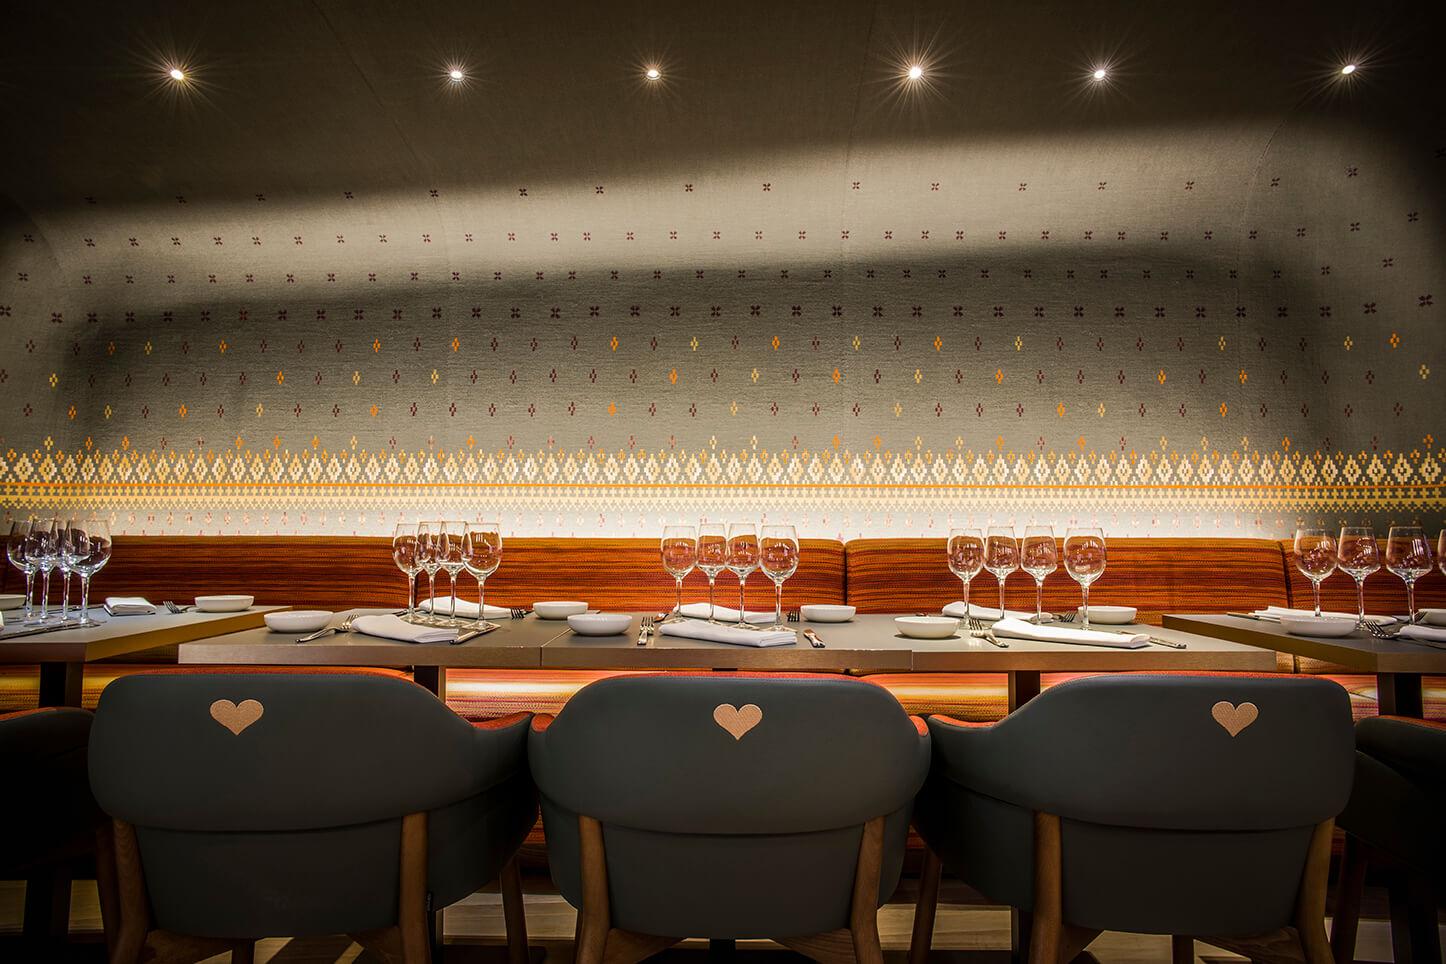 Banquettes dans la salle principale du restaurant La Muse